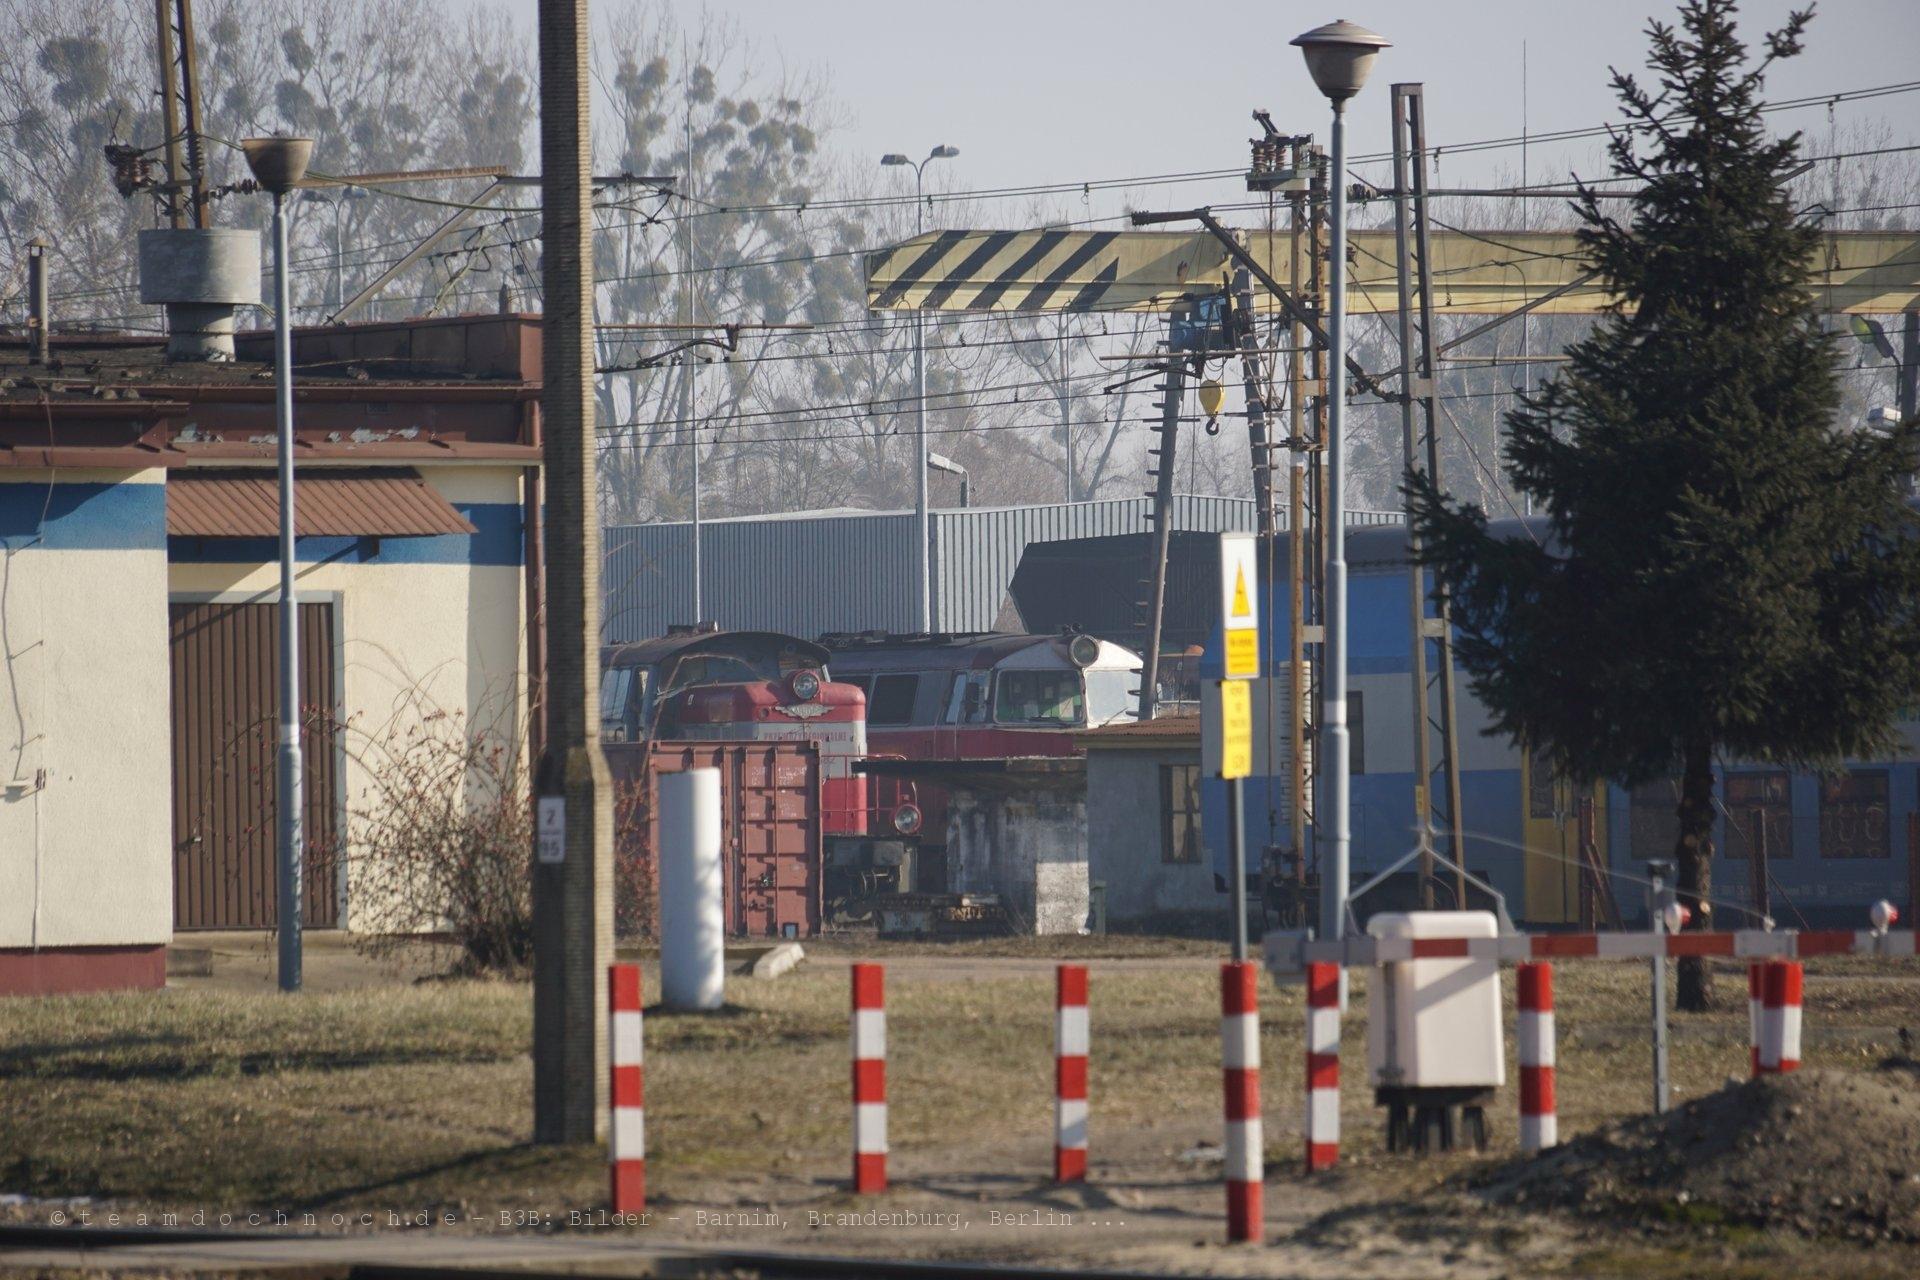 Ein Blick auf die leeren Gleise des Bahnhofs Krzyż Wielkopolski